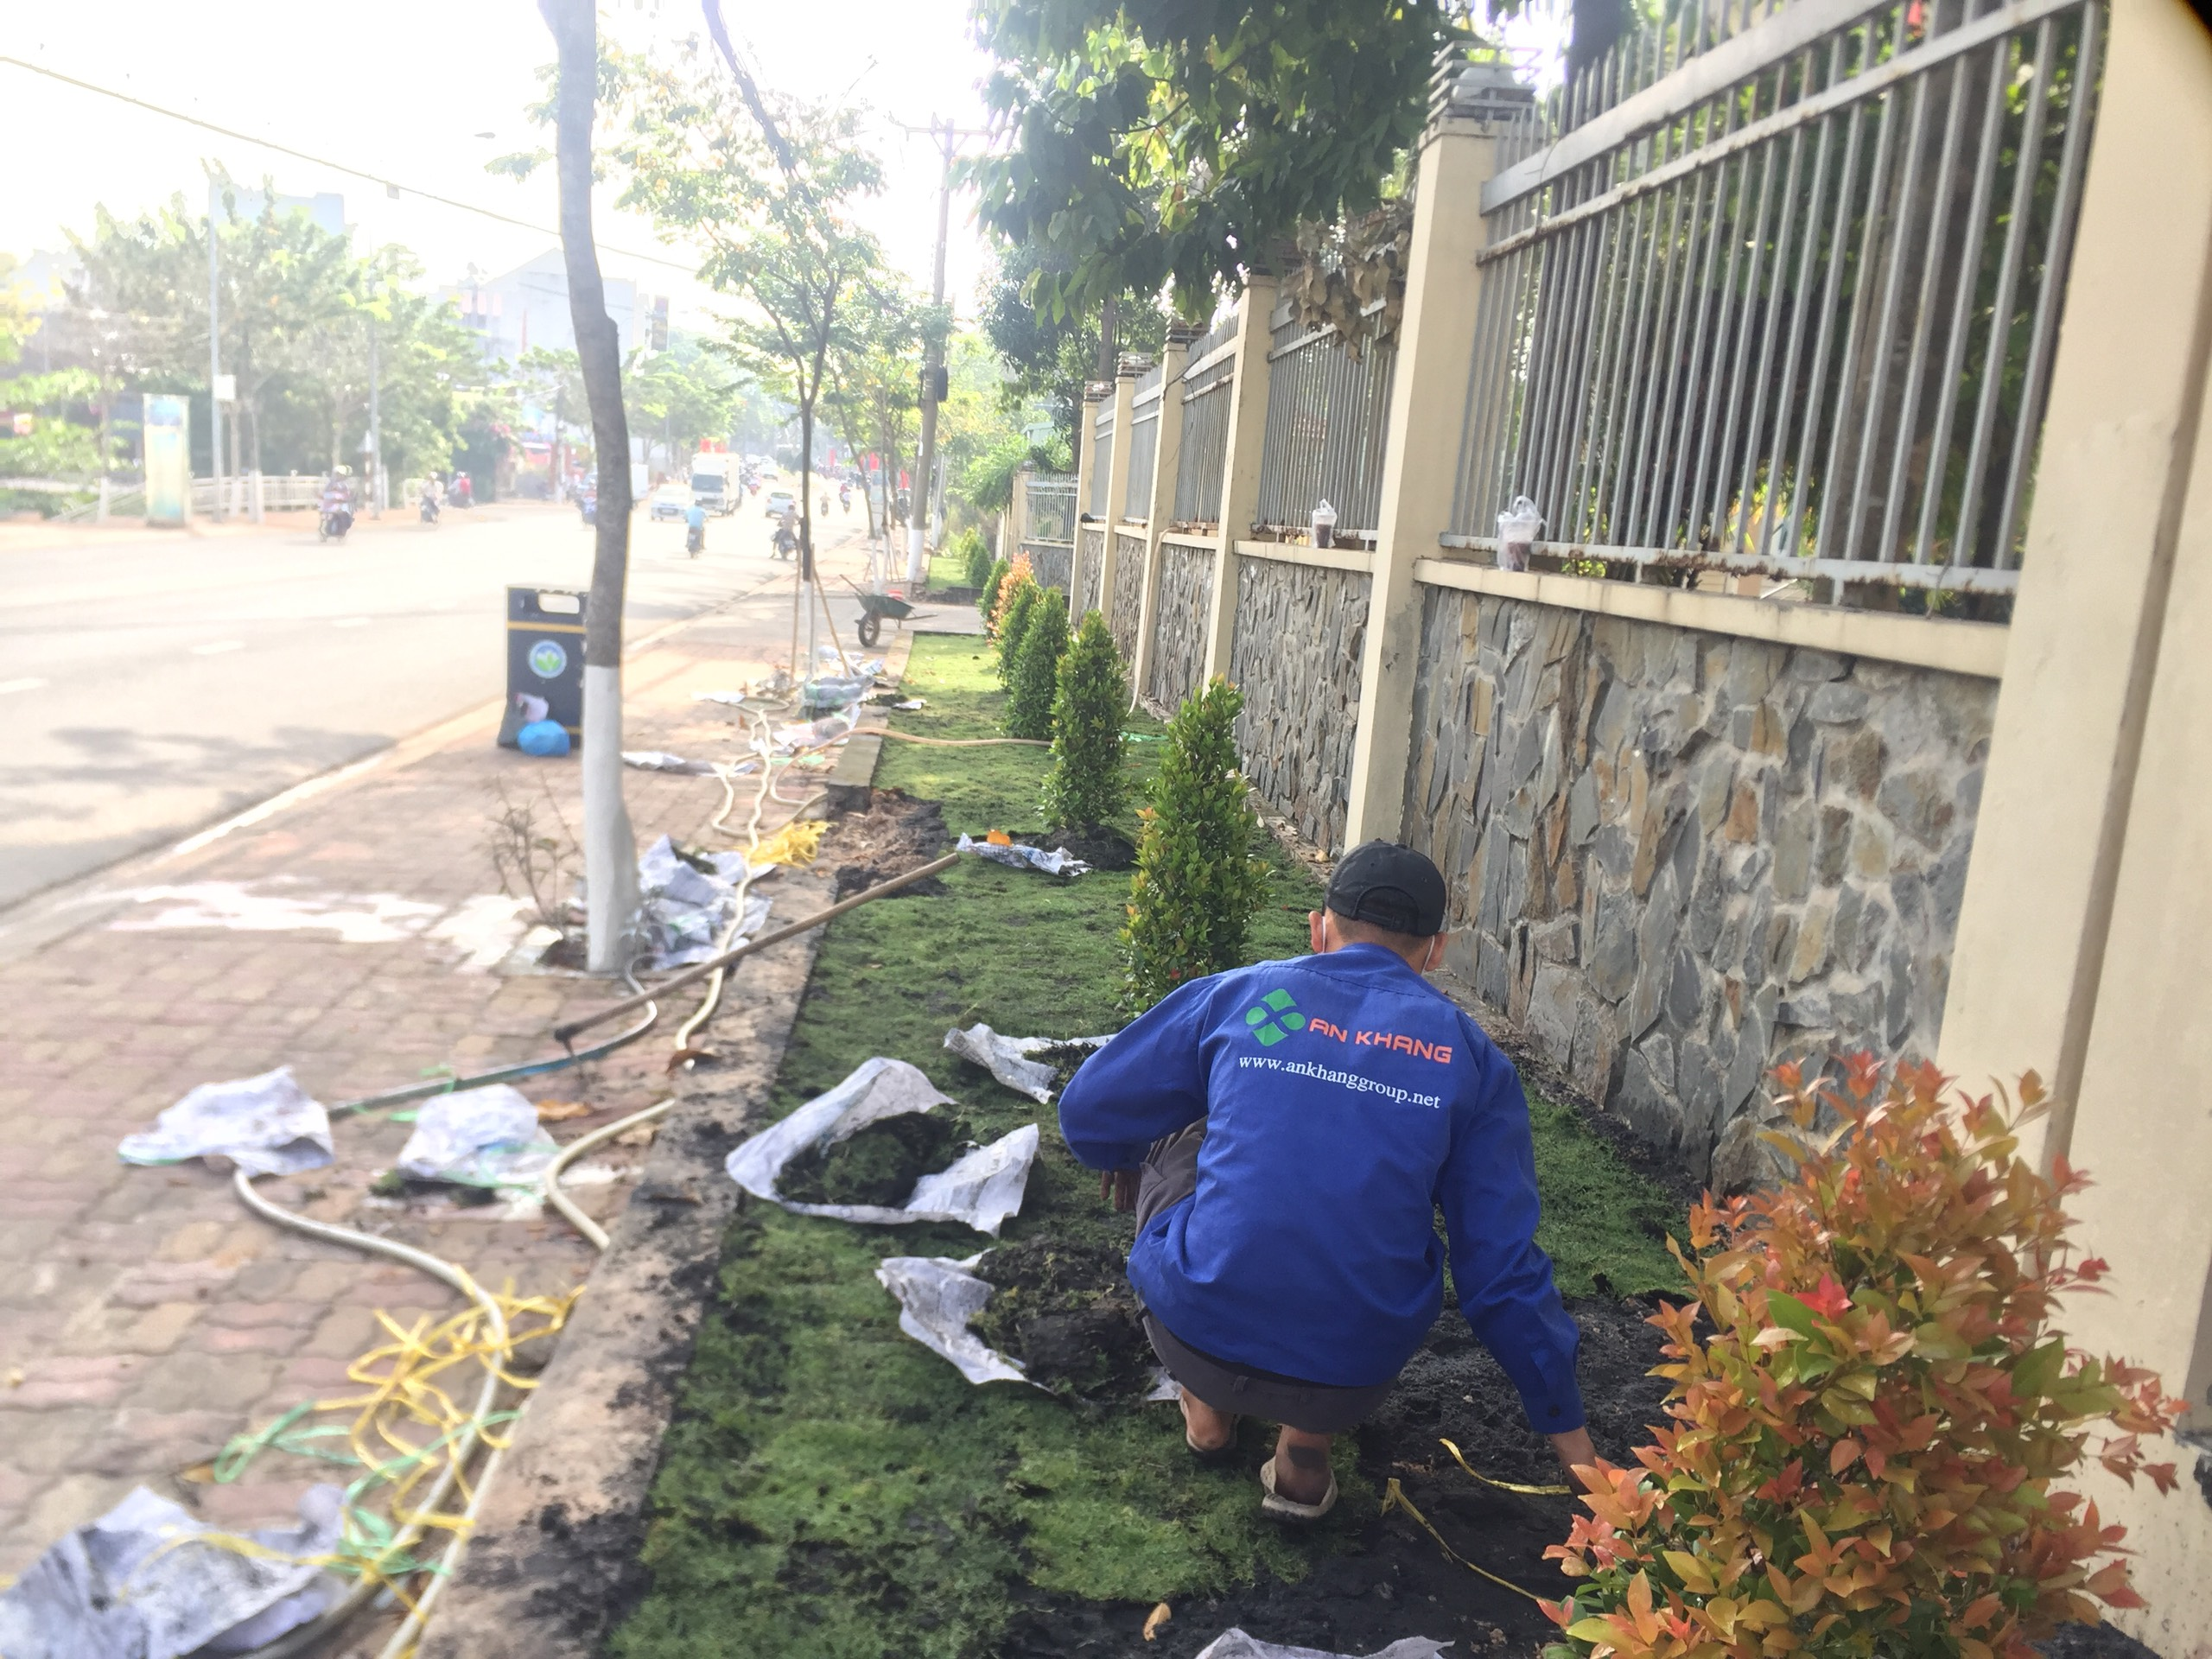 Thực hiện công việc trồng cỏ KCN Mỹ Phước 3 với An Khang